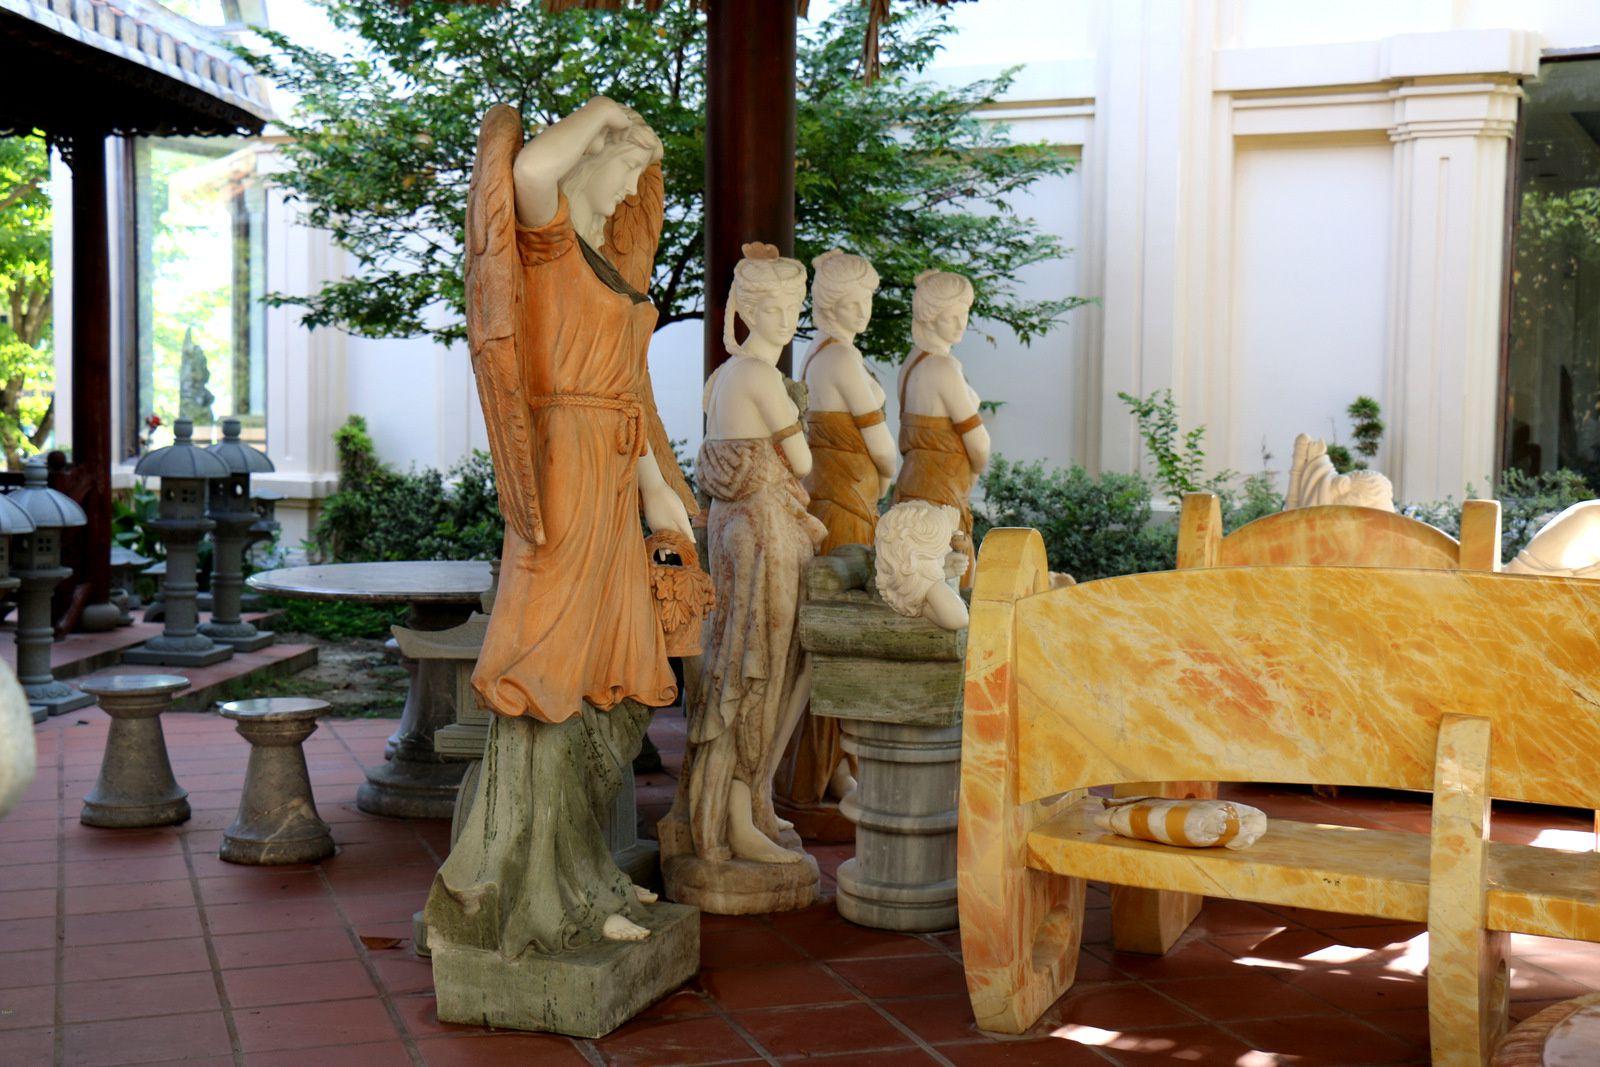 Marbrerie à Non Nuoc (Vietnam), sculptures féminines (1/2)